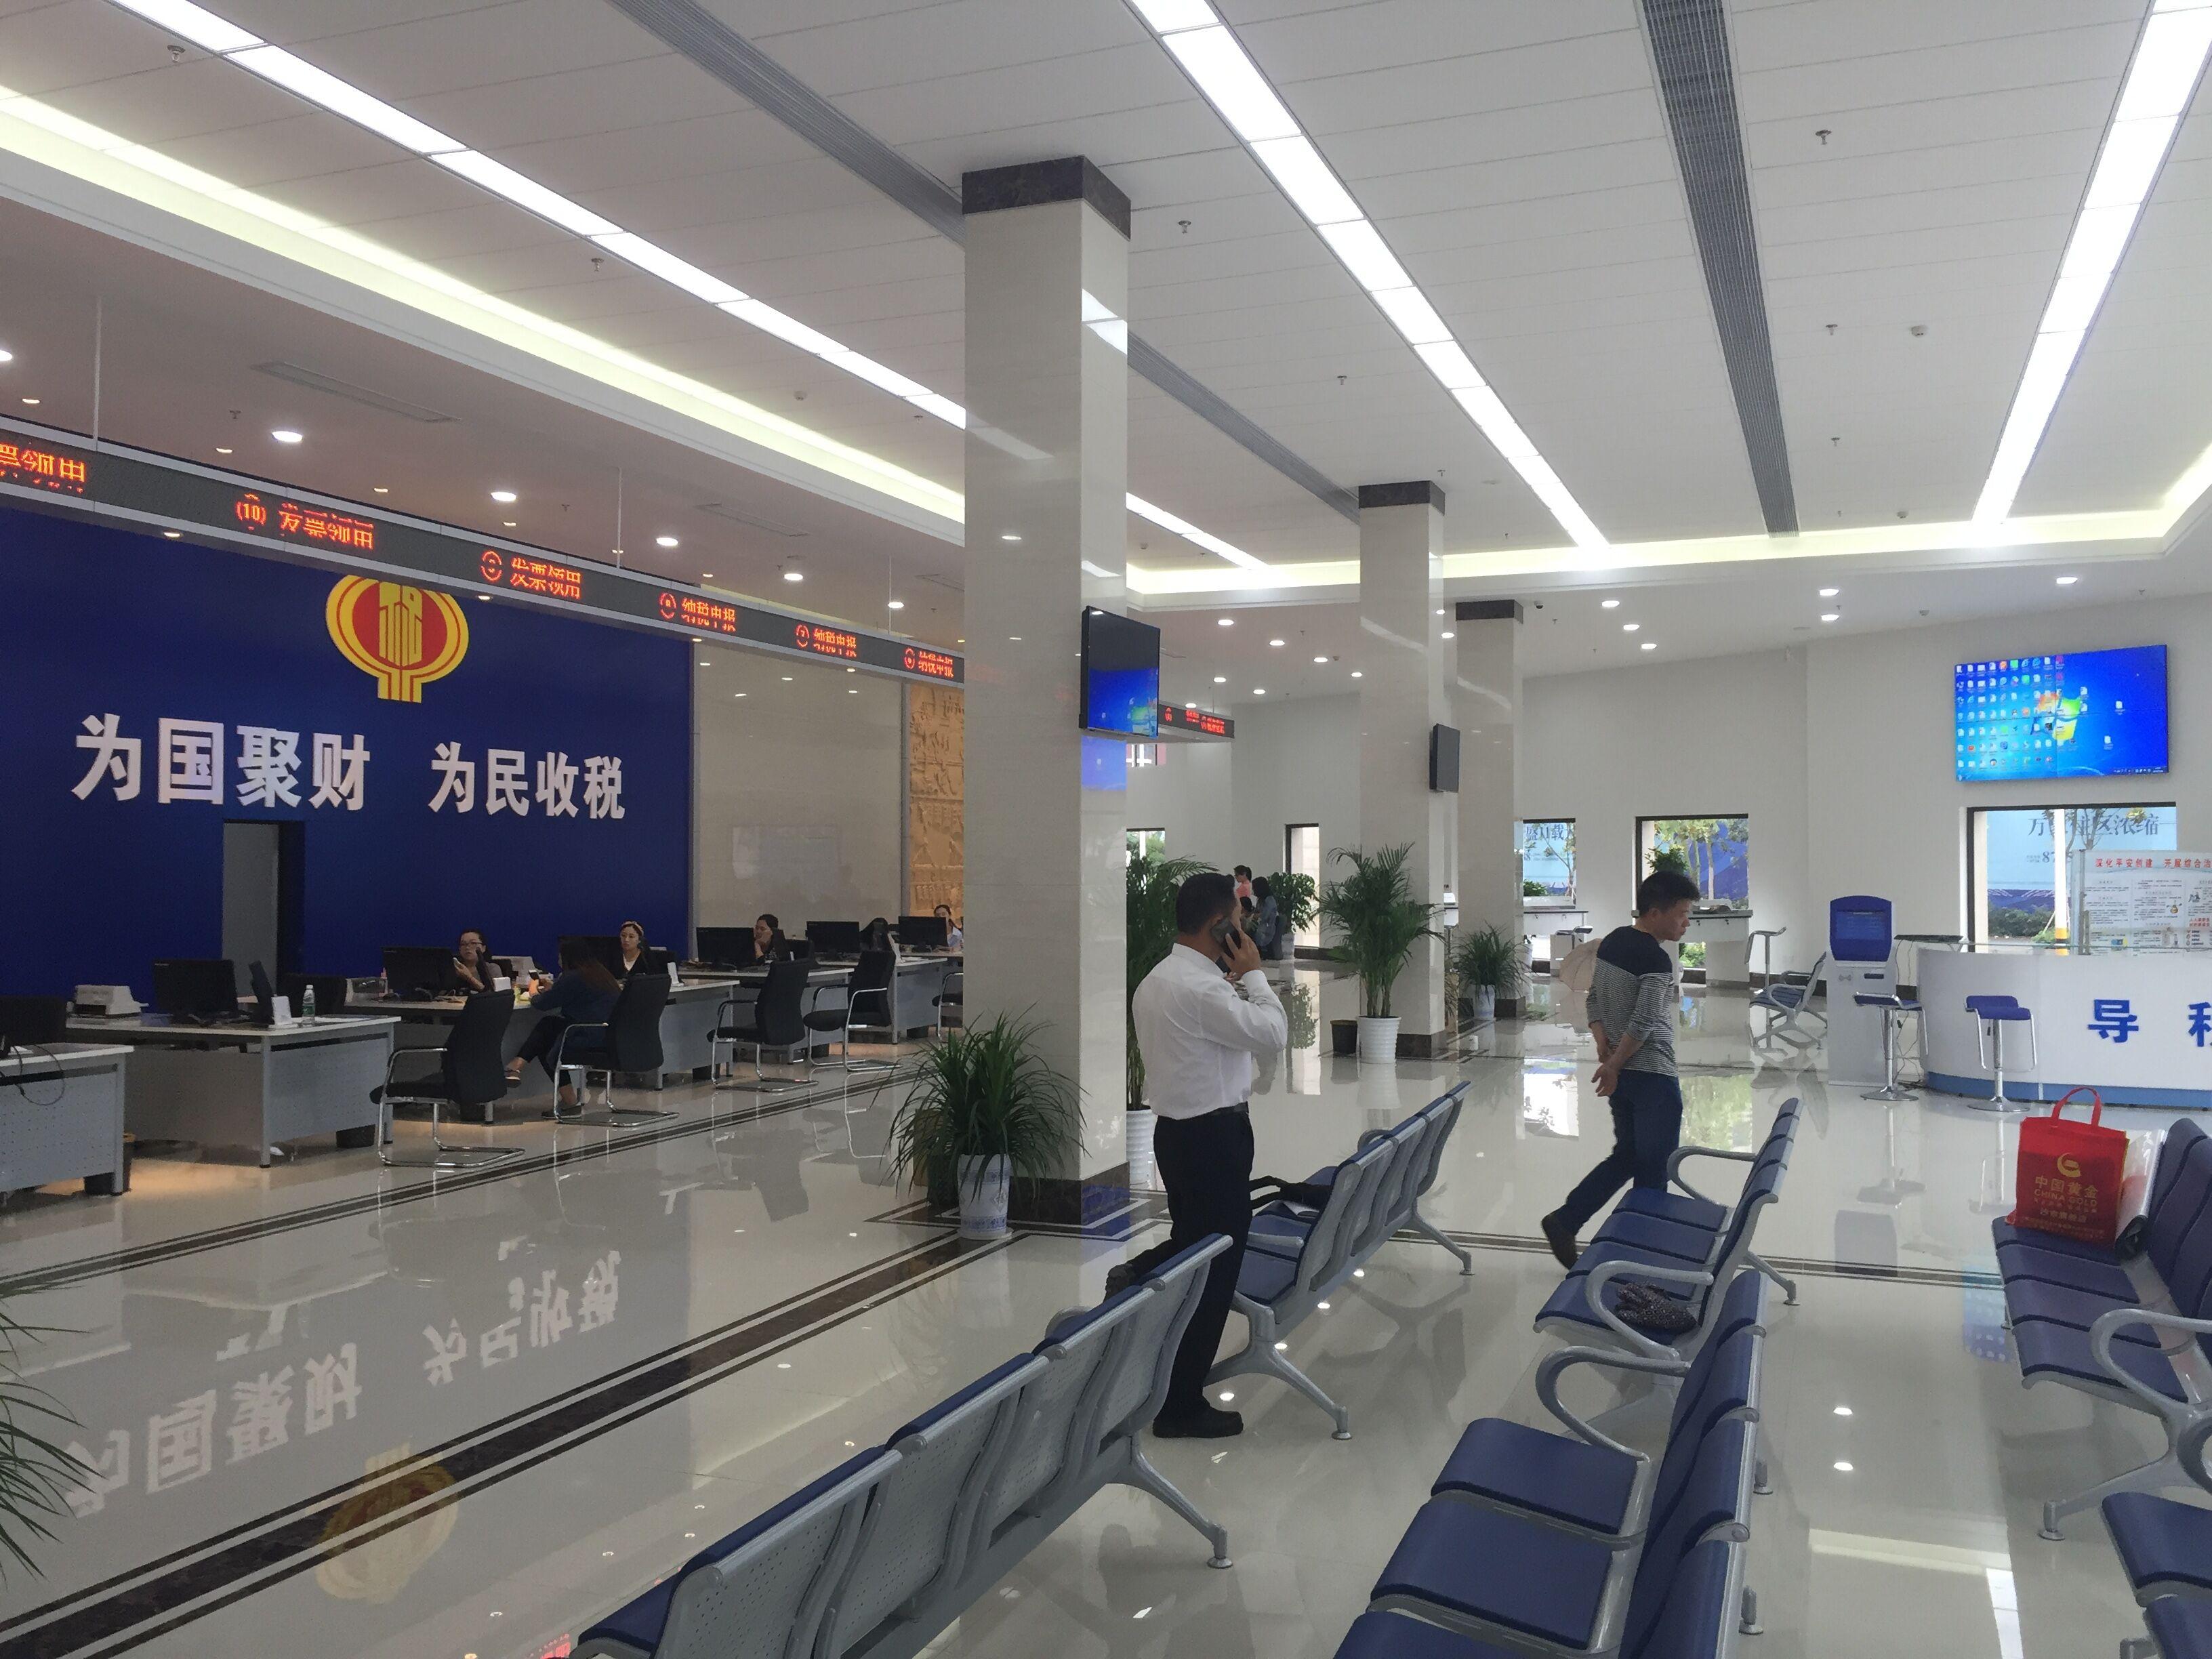 荆州某办税服务厅2016.5.27.jpg